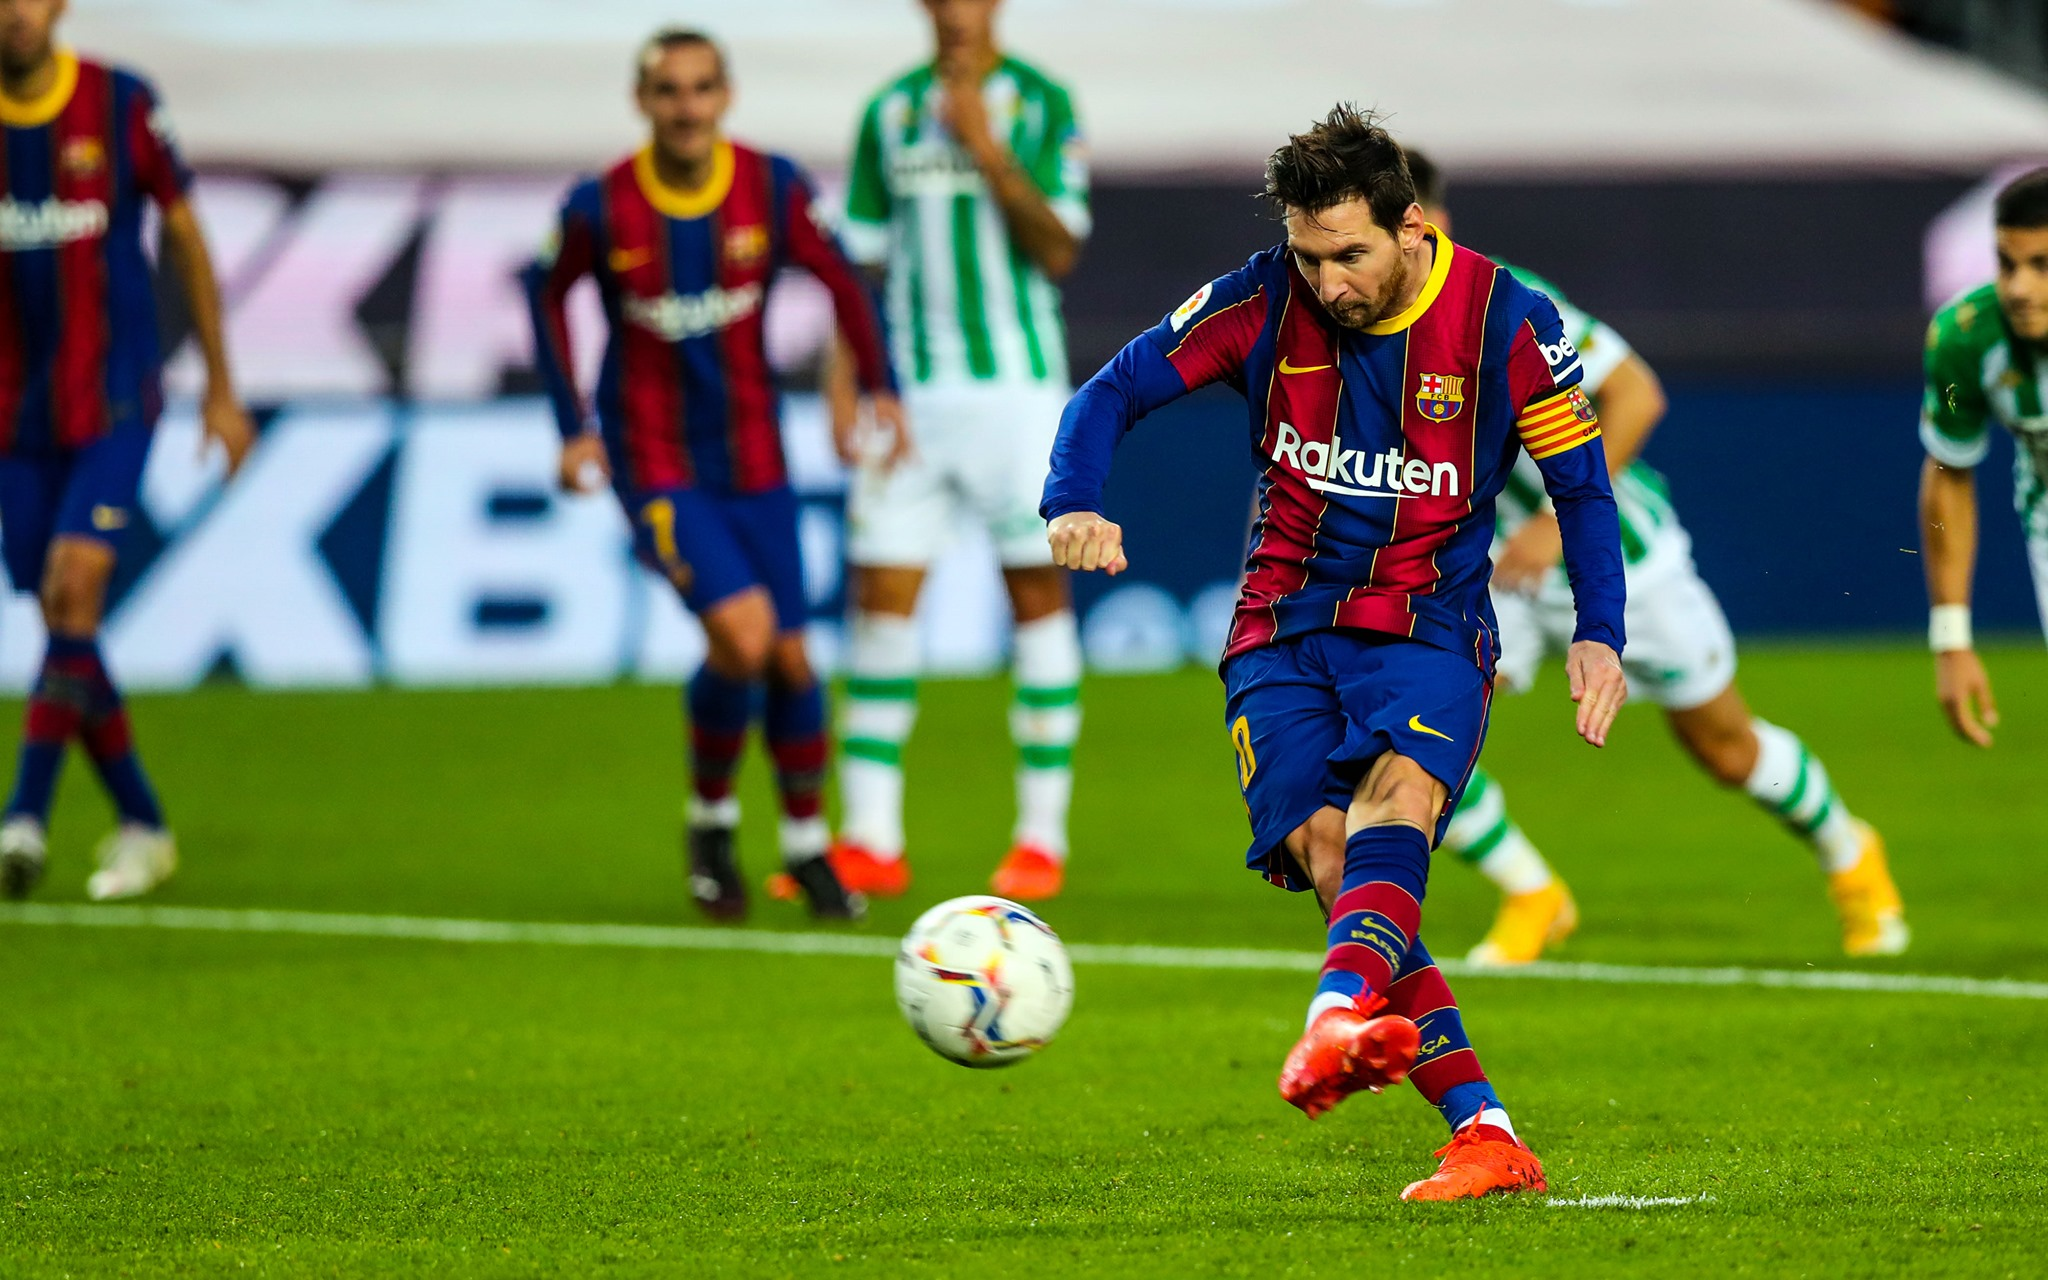 كومان غير واثق من مستقبل ميسي مع برشلونة